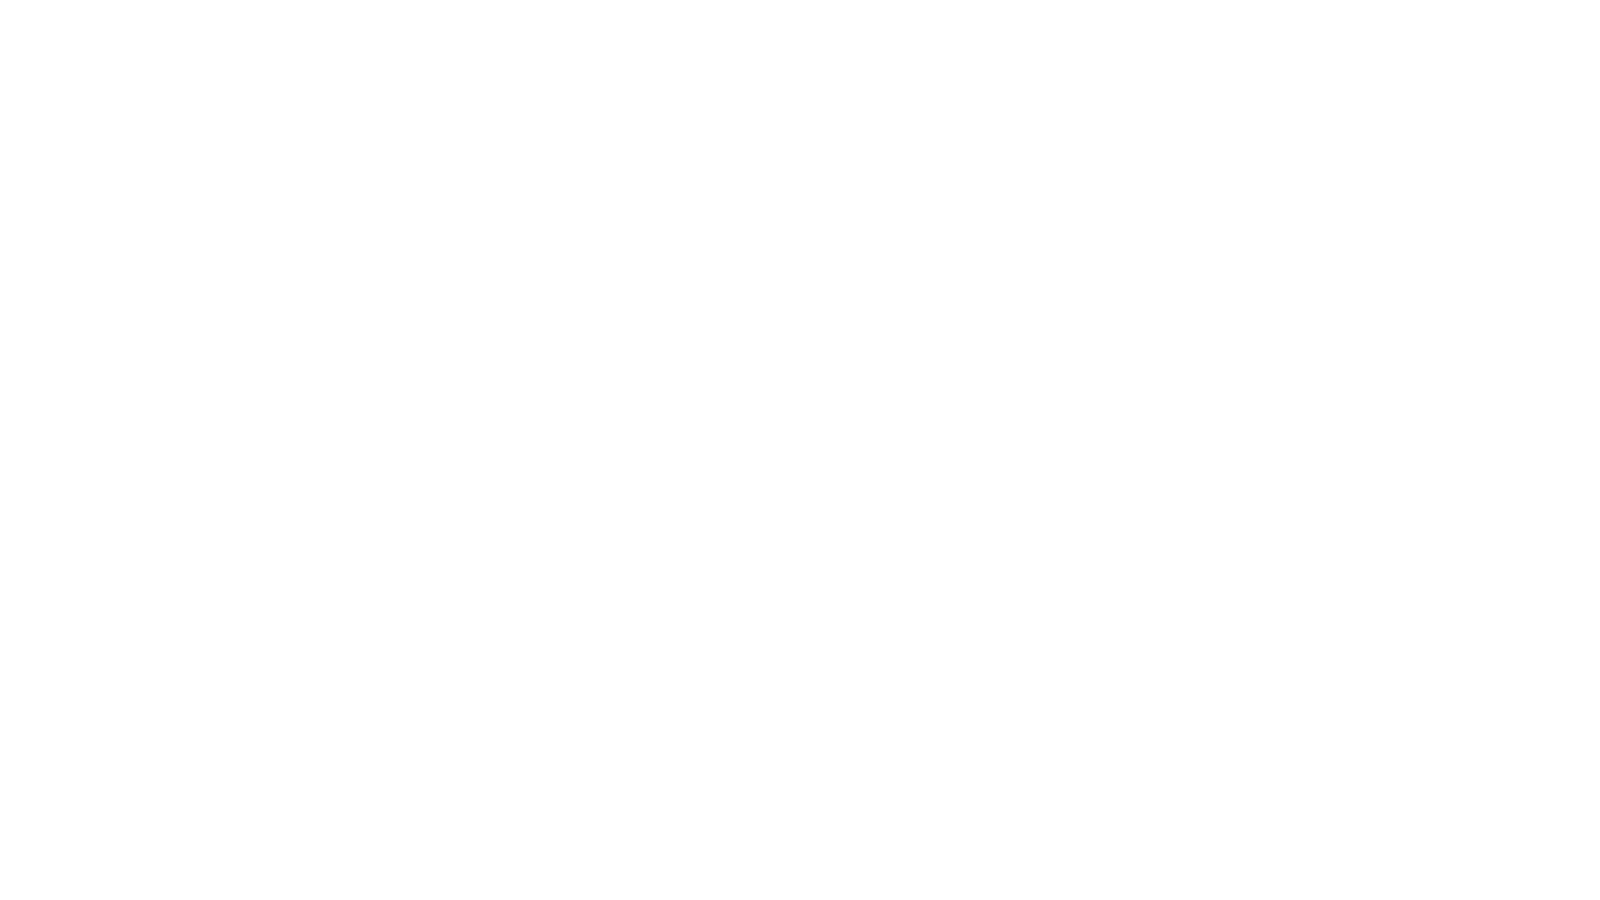 Venha nos conhecer: Igreja Evangélica das Nações  Site: https://www.ien.org.br Envie o seu Pedido de Oração: https://tinyurl.com/OracaoIEN  Inscreva-se no nosso canal e receba nossas atualizações https://www.youtube.com/CanalIEN  Acompanhe nossas Redes Sociais  Instagram: http://www.instagram.com/IgrejaEvangelicaDasNacoes Facebook: https://www.facebook.com/IgrejaEvangelicaDasNacoes Twitter: https://twitter.com/igreja_IEN  Faça Parte Você Também  https://www.ien.org.br/contribua/